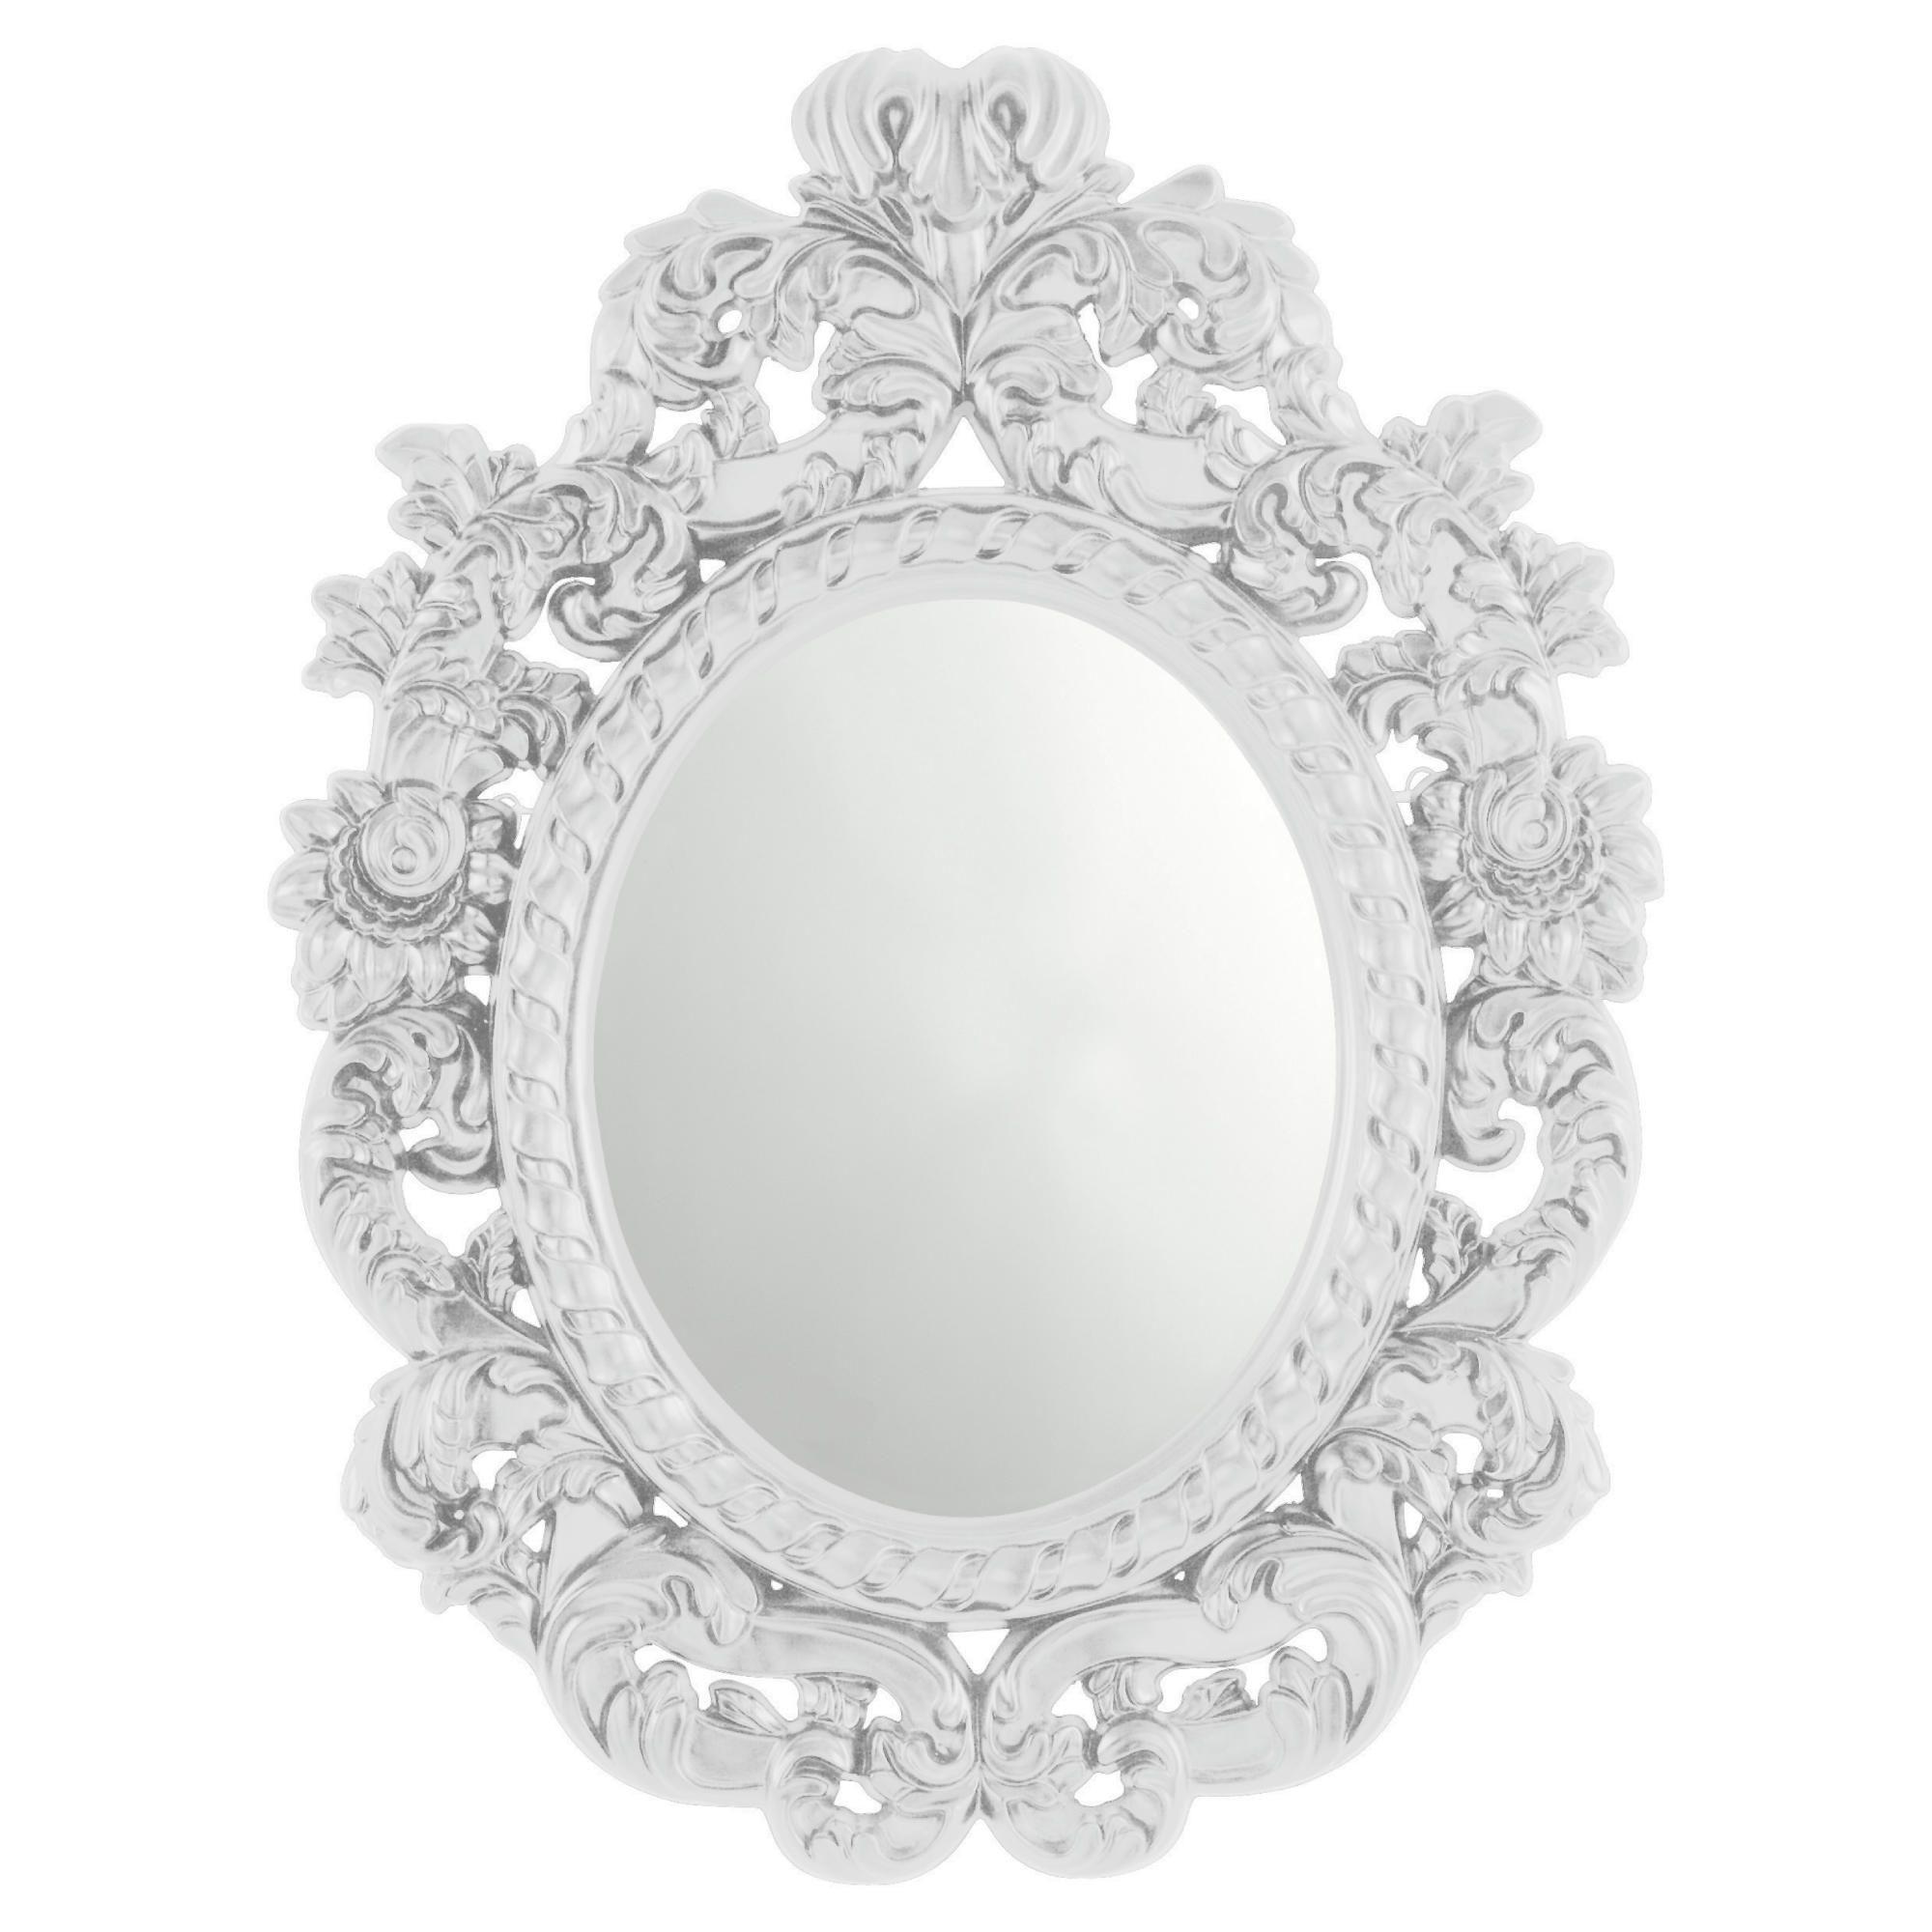 Wilko baroque mirror silver 87x62cm - Myshop White Baroque Mirror Baroque Style Large Silver